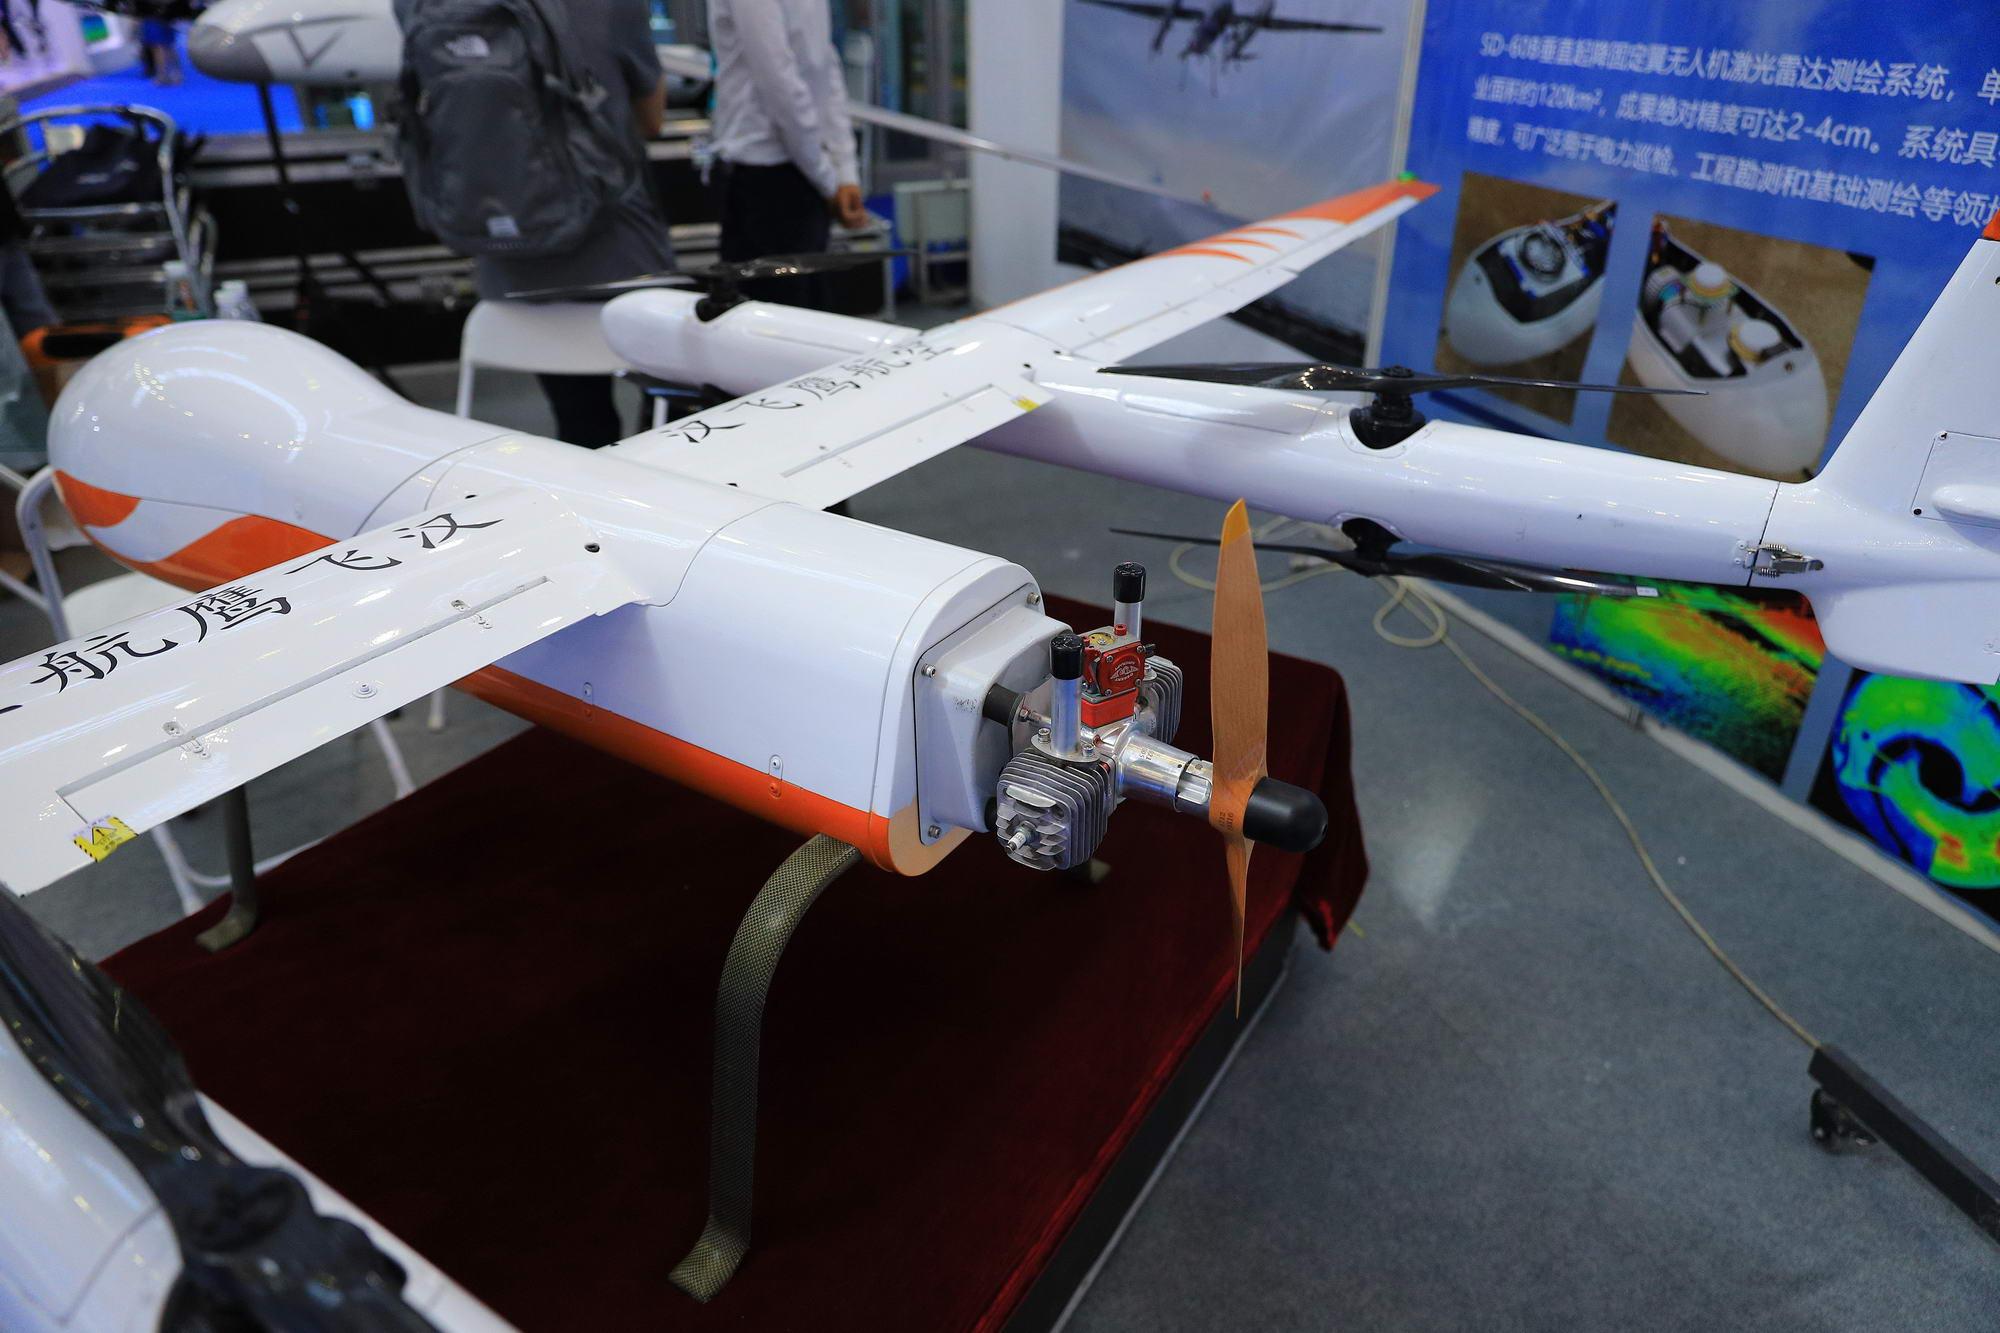 顺丰大型无人机首次载货飞行 成功落地内蒙机场_物流_电商报